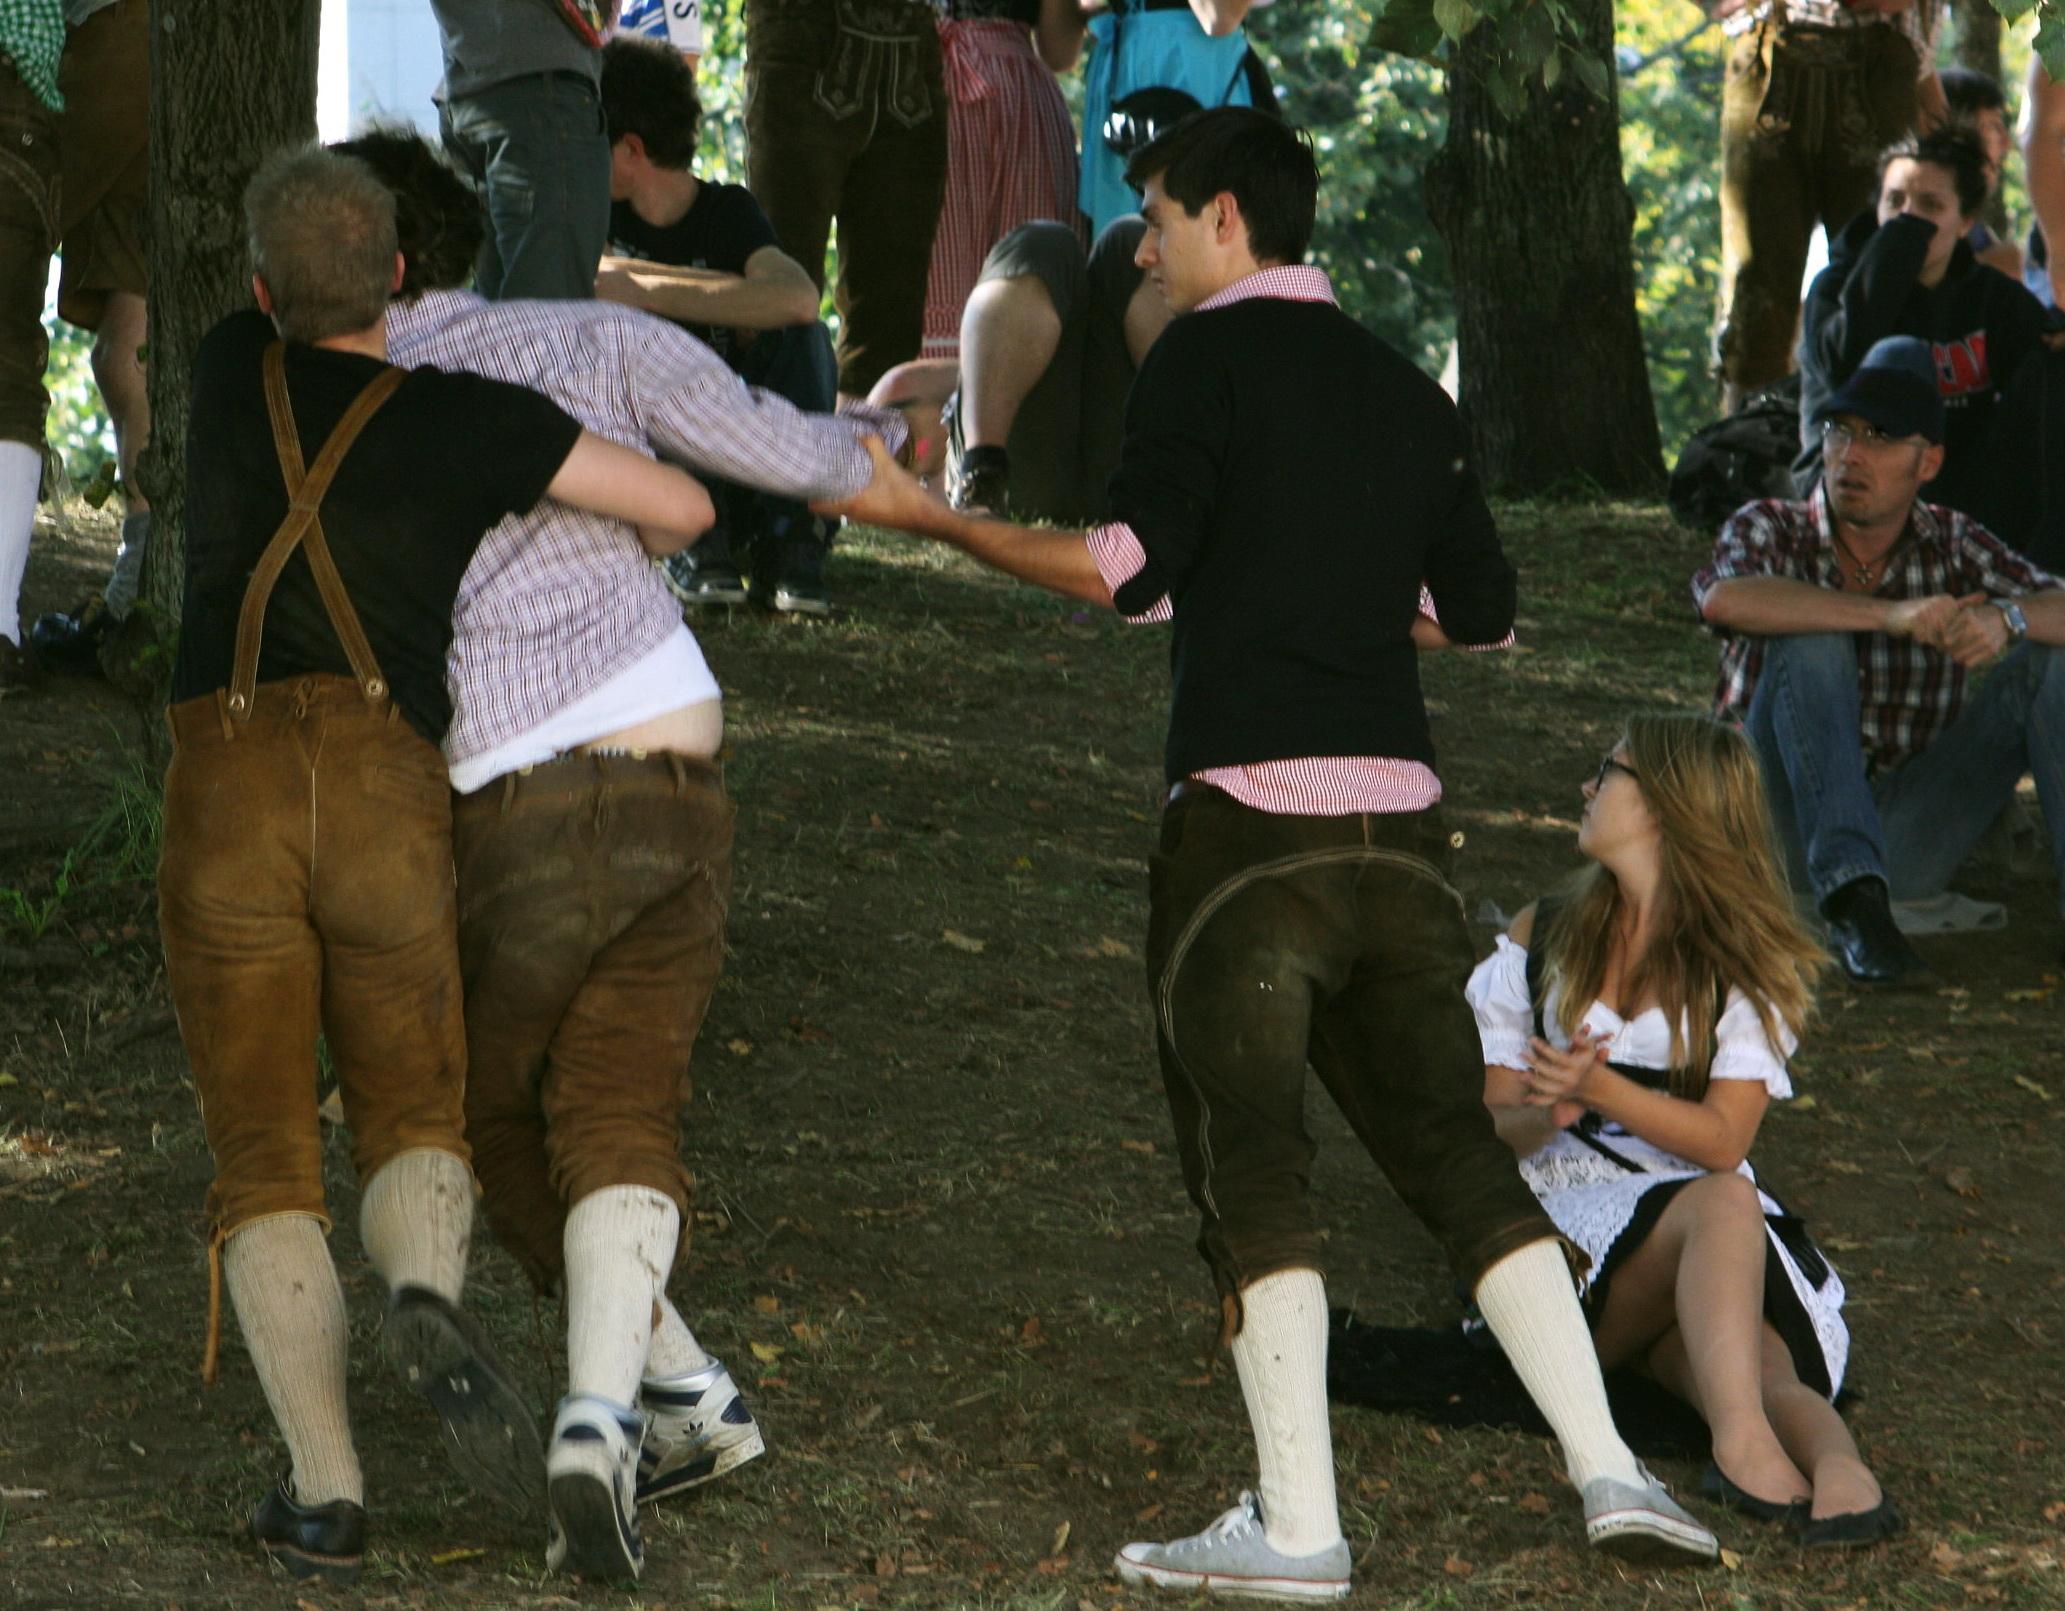 File:Oktoberfest 2011 drunk male 0011.JPG - Wikimedia Commons